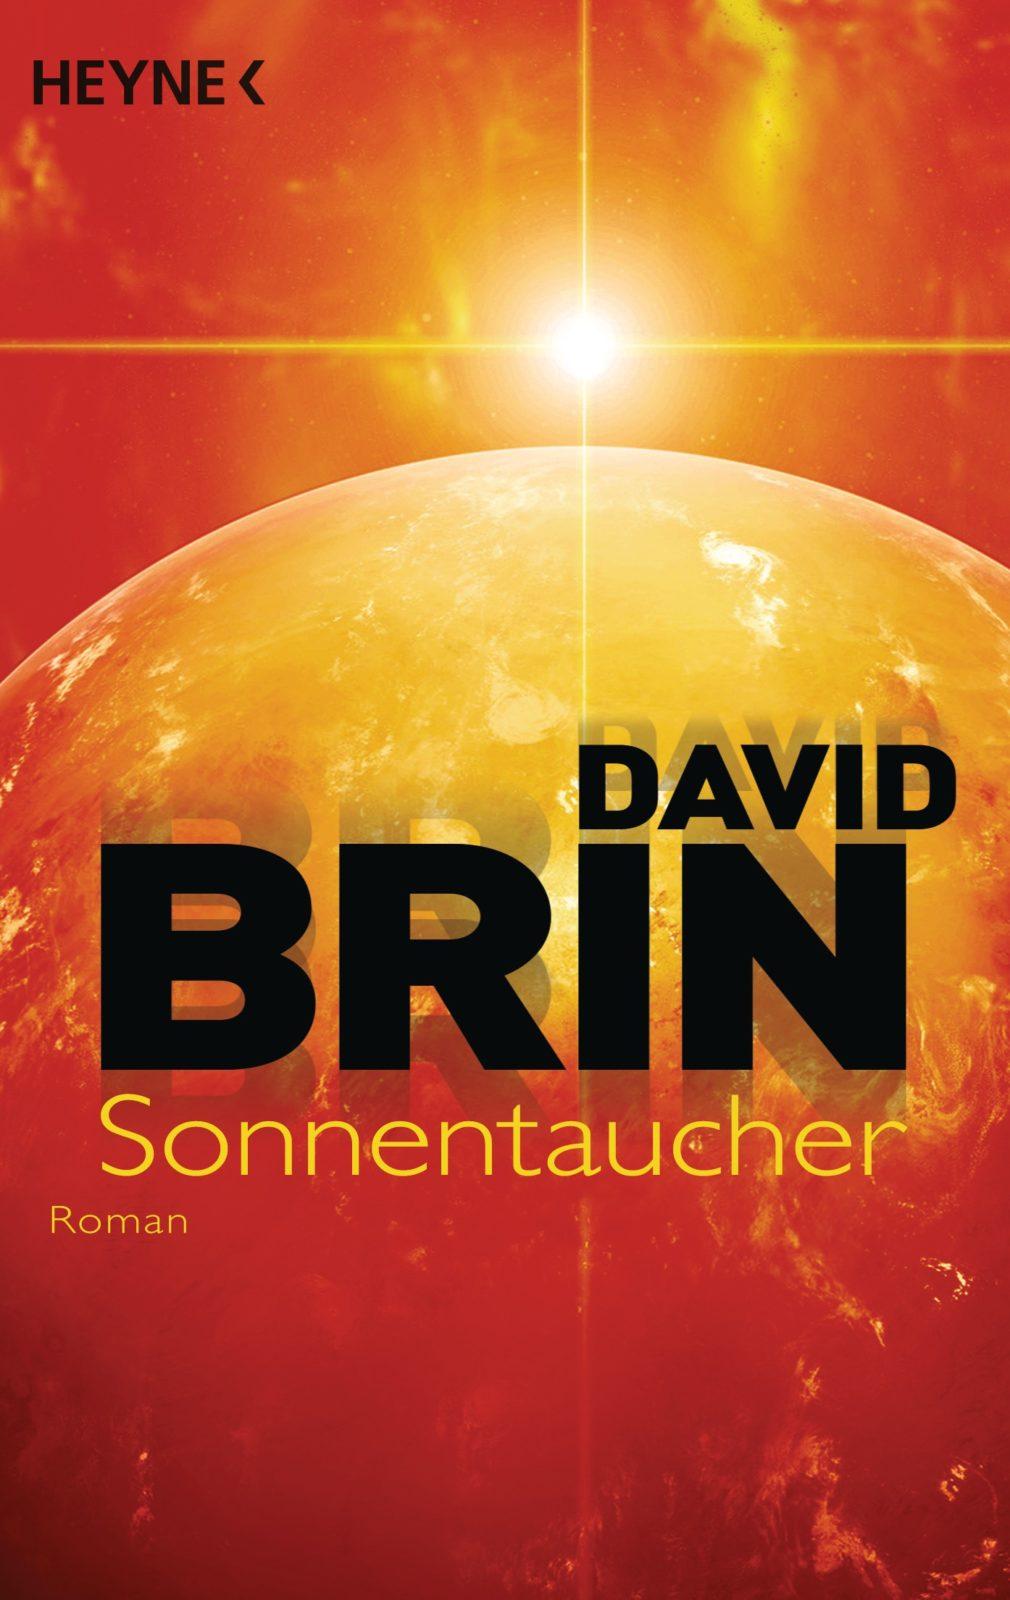 Sonnentaucher von David Brin